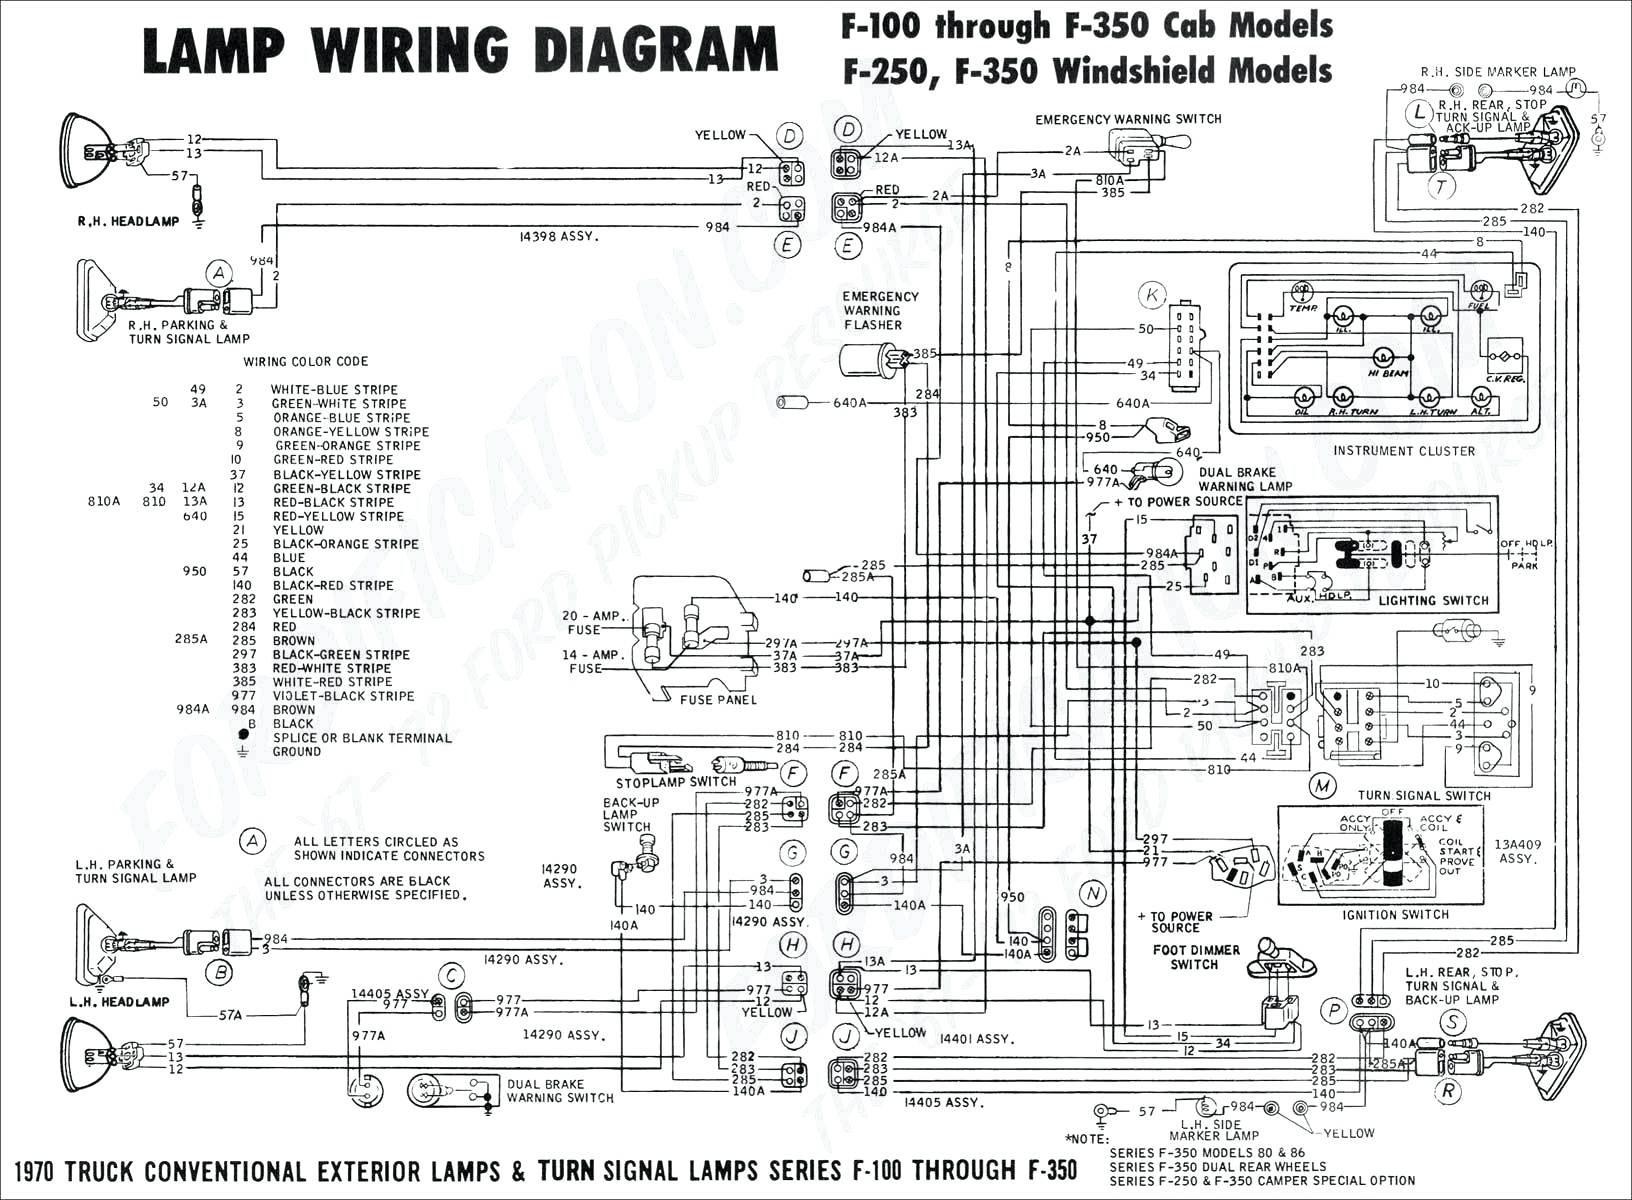 1988 Suzuki Samurai Wiring Diagram 3 Wire Gfci Wiring Of 1988 Suzuki Samurai Wiring Diagram